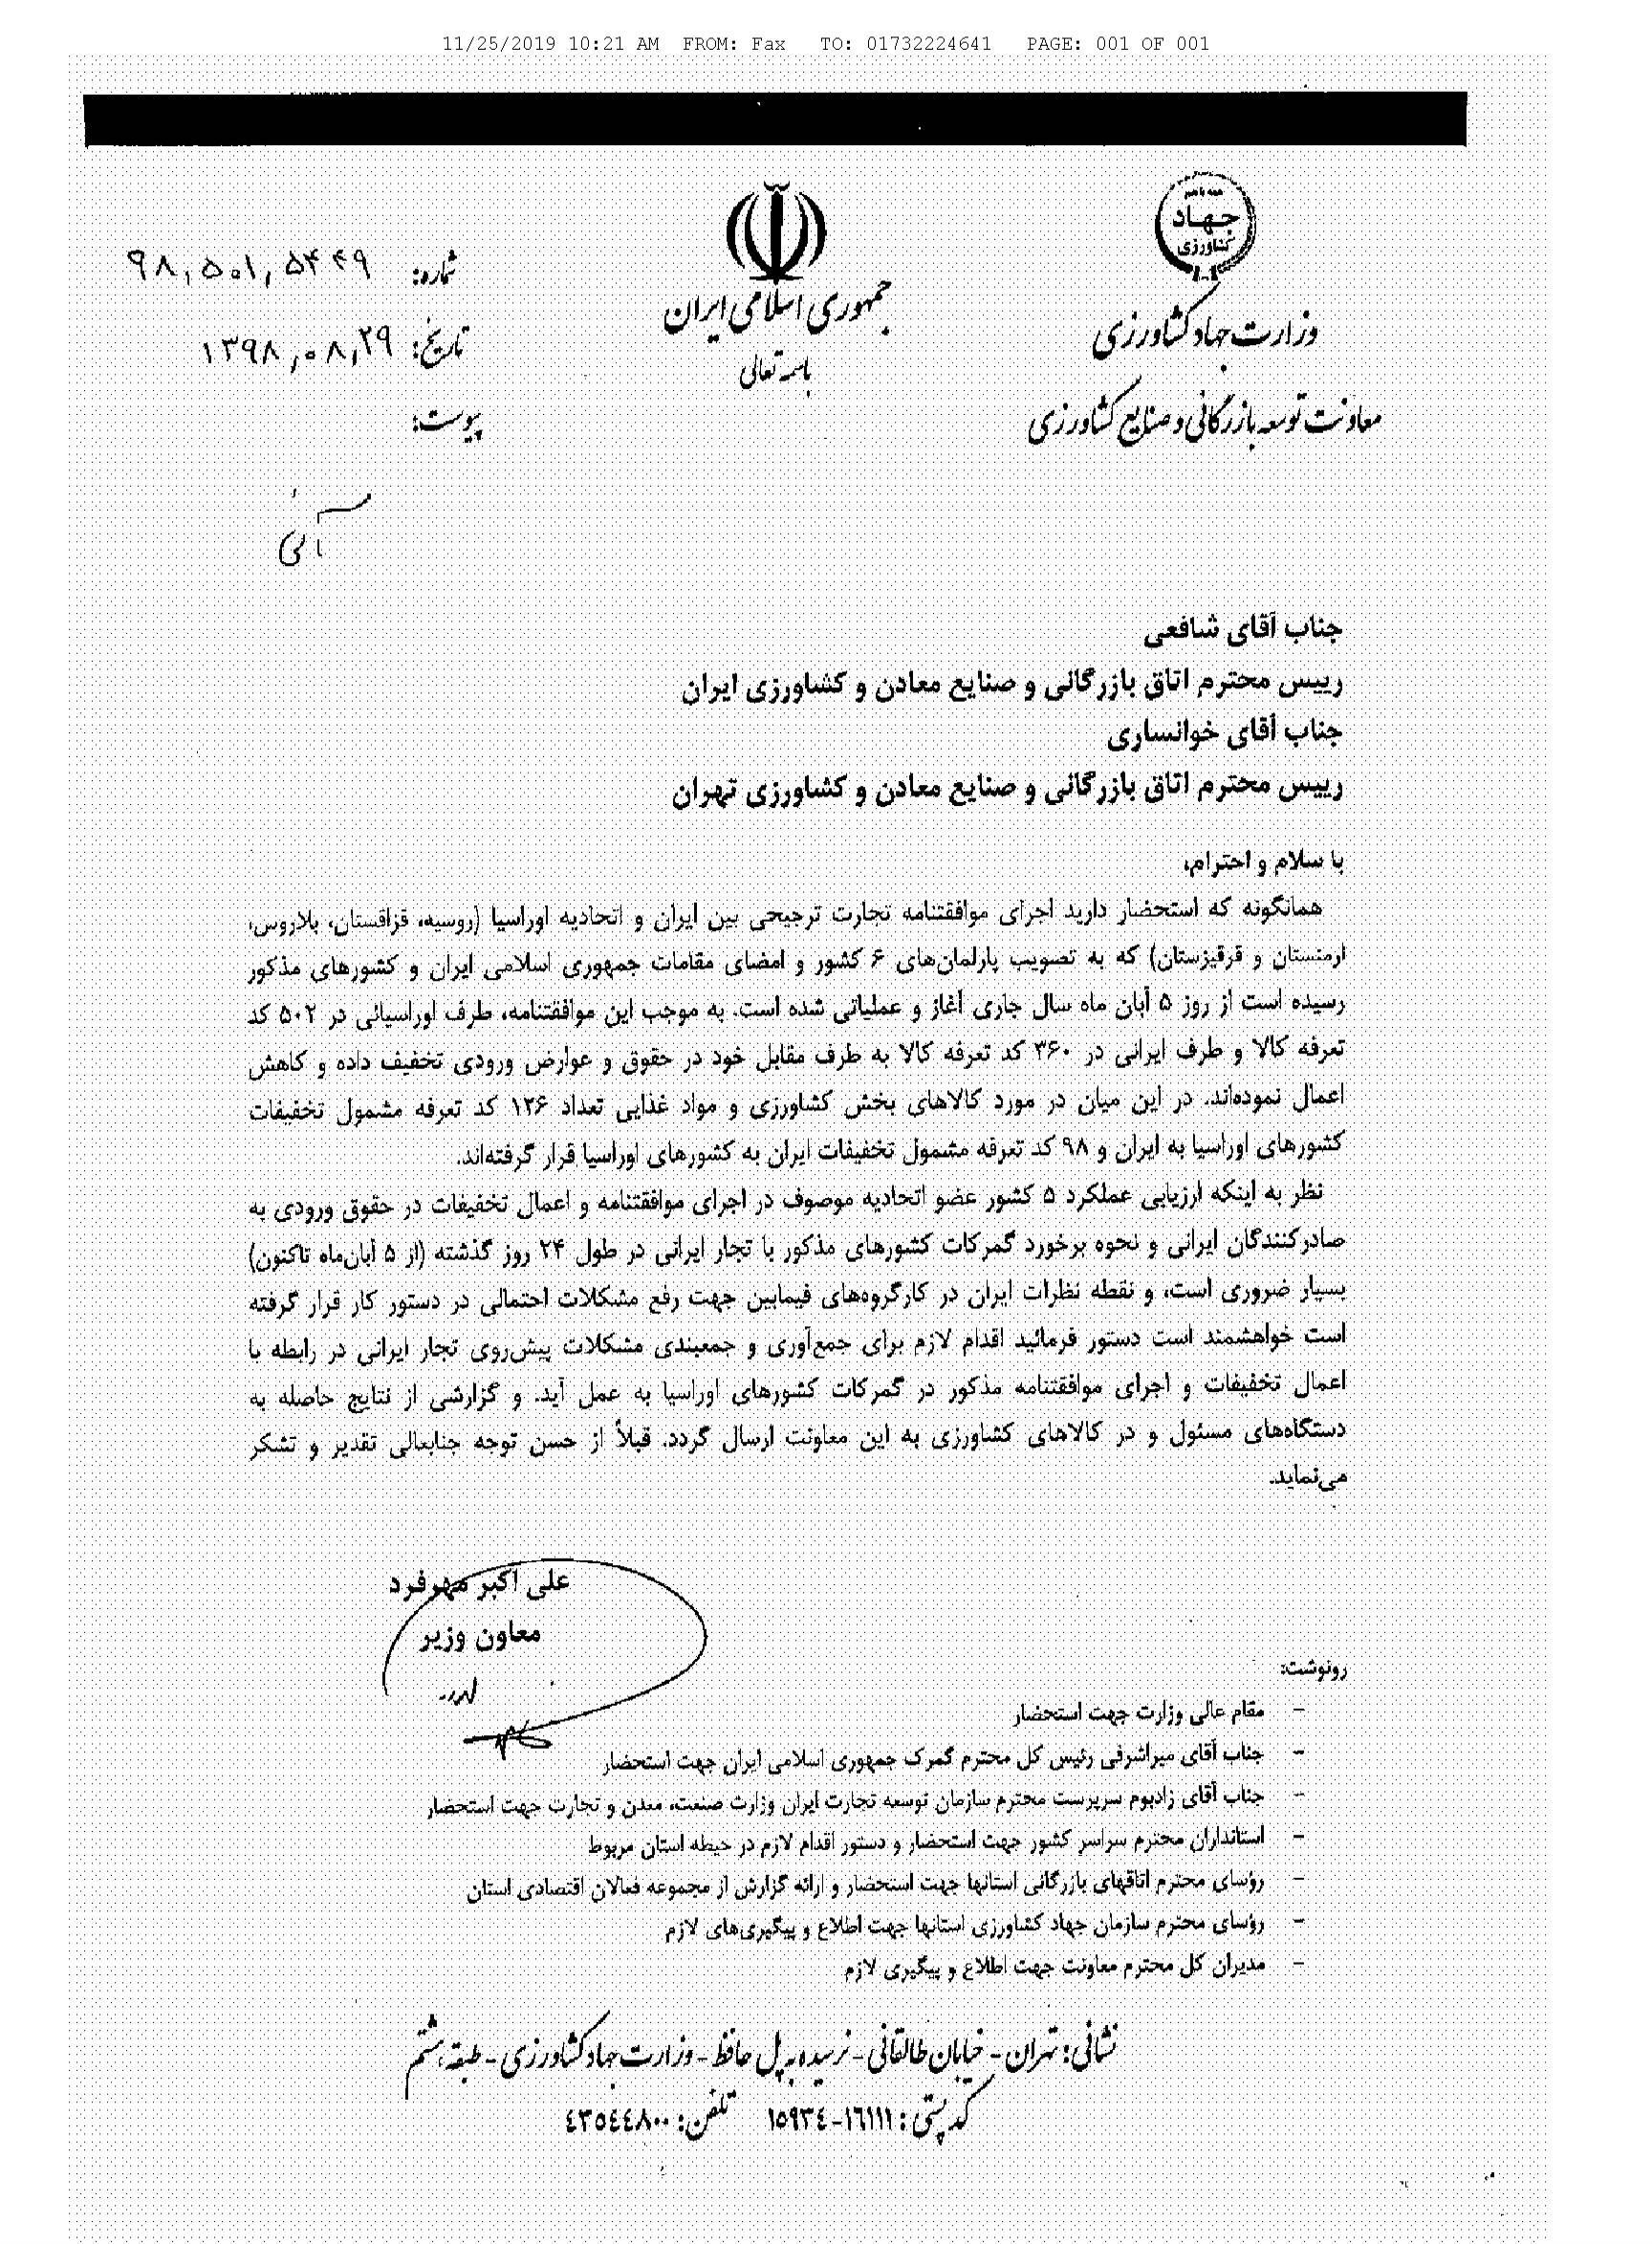 اجرایی شدن موافقتنامه تجارت ترجیحی ایران و اورآسیا